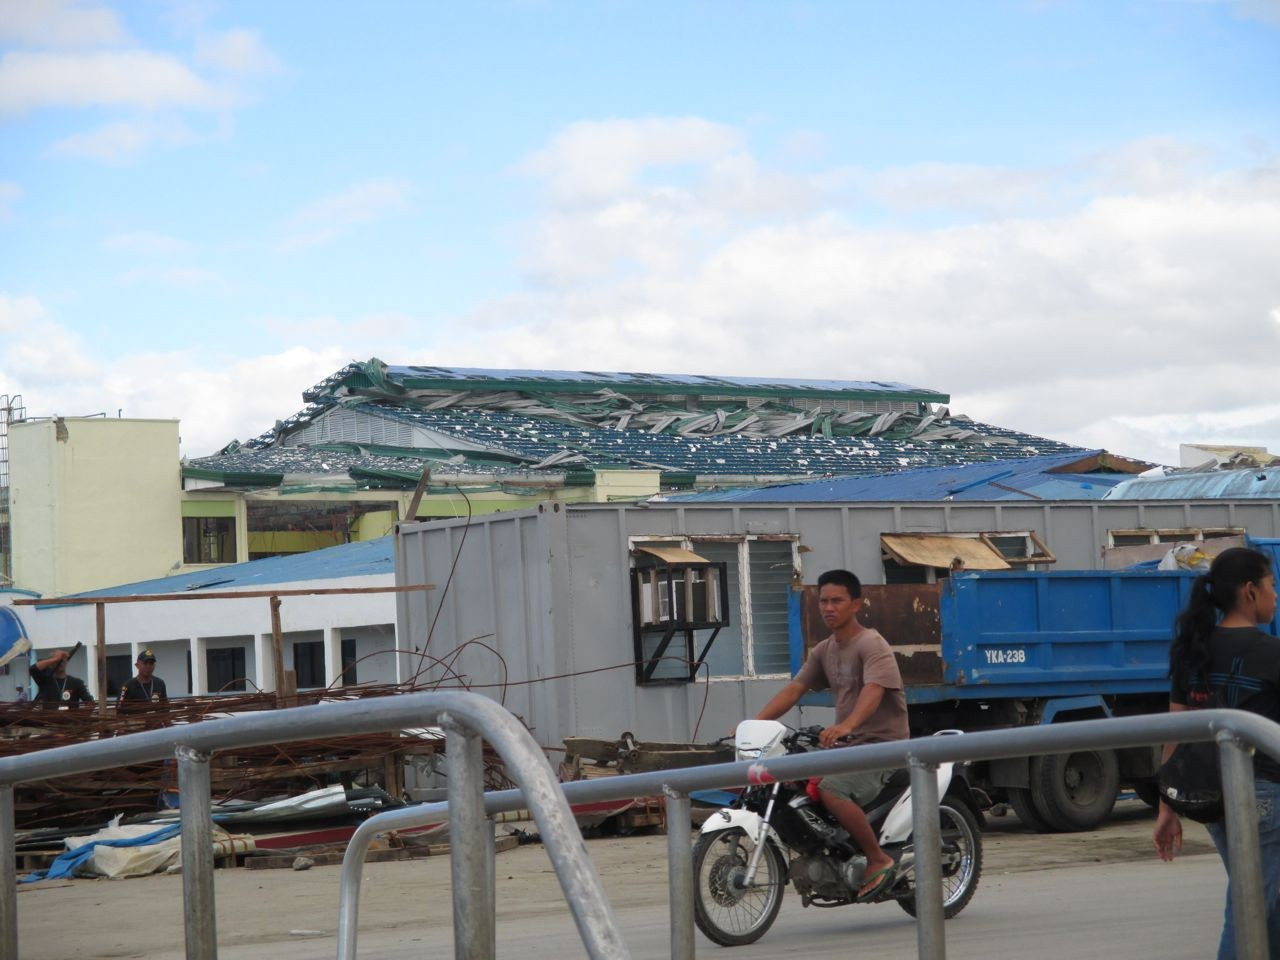 die ersten Eindrücke vom Sturm an der Westküste von Leyte